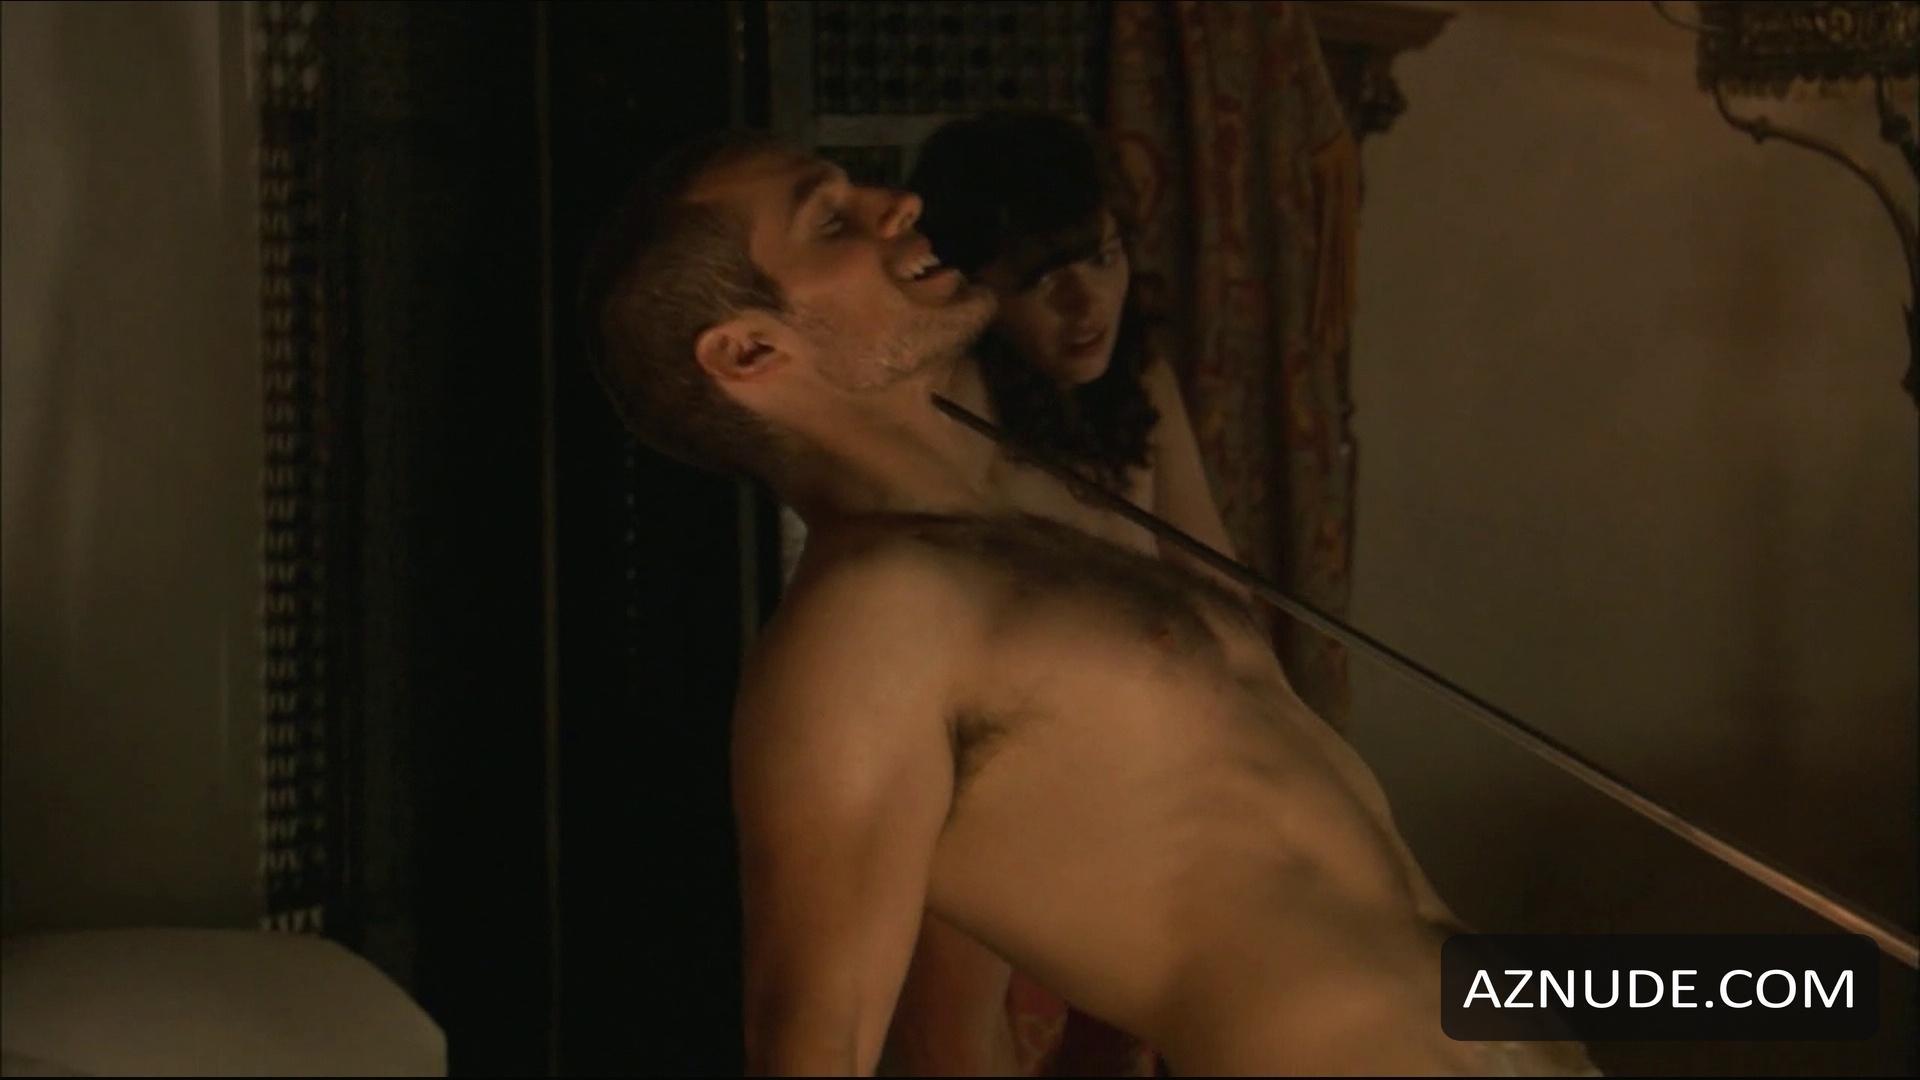 HENRY CAVILL Nude  AZNude Men